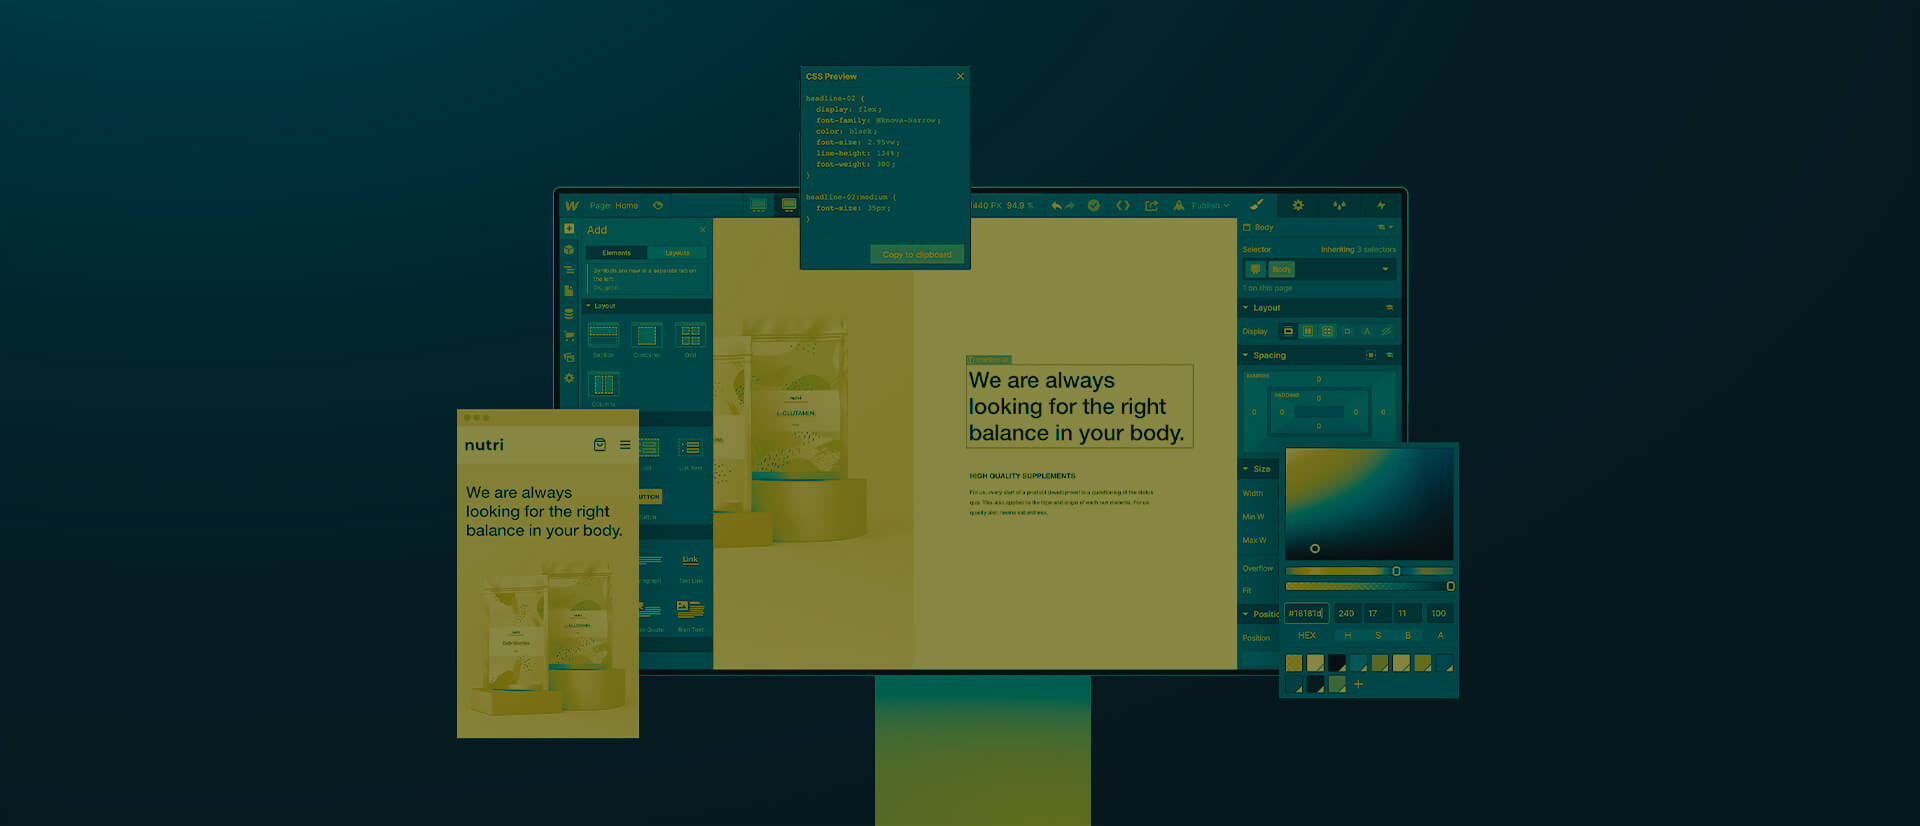 Webflow Desktop Interface